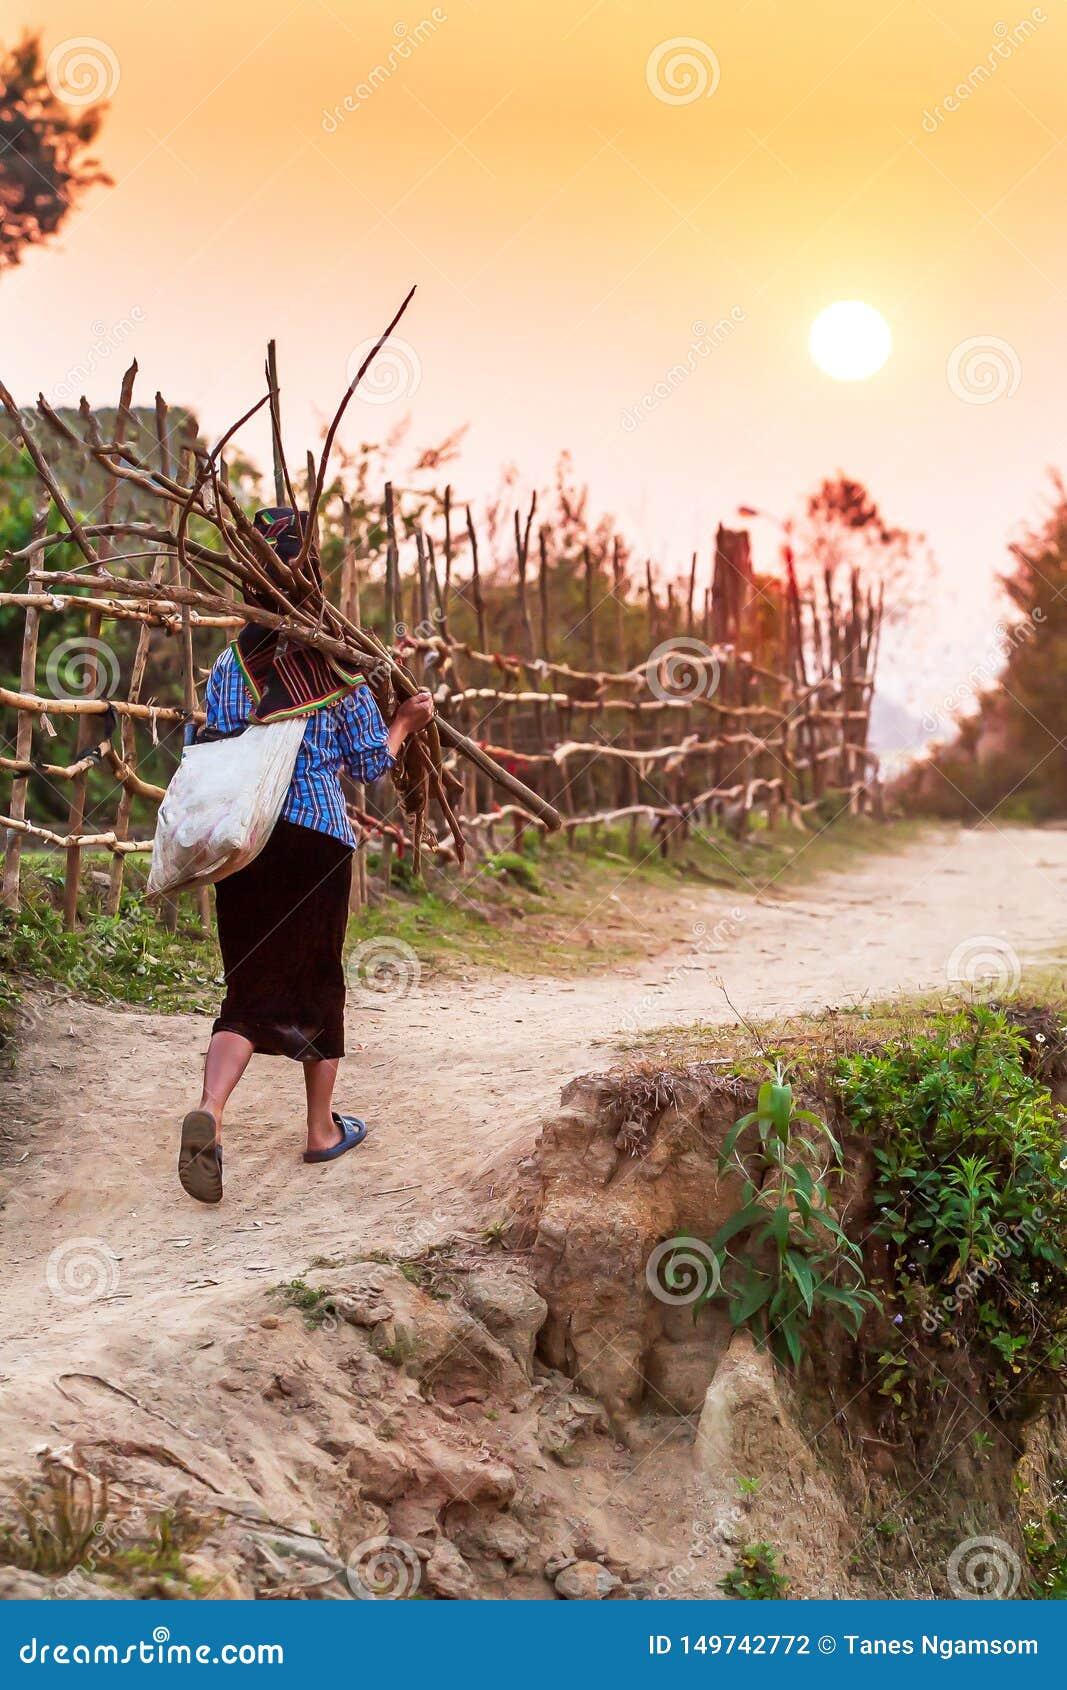 Μια ανώτερη βιετναμέζικη γυναίκα που φέρνει μια δέσμη του καυσόξυλου περπατώντας σε μια διάβαση χωρών στο σούρουπο